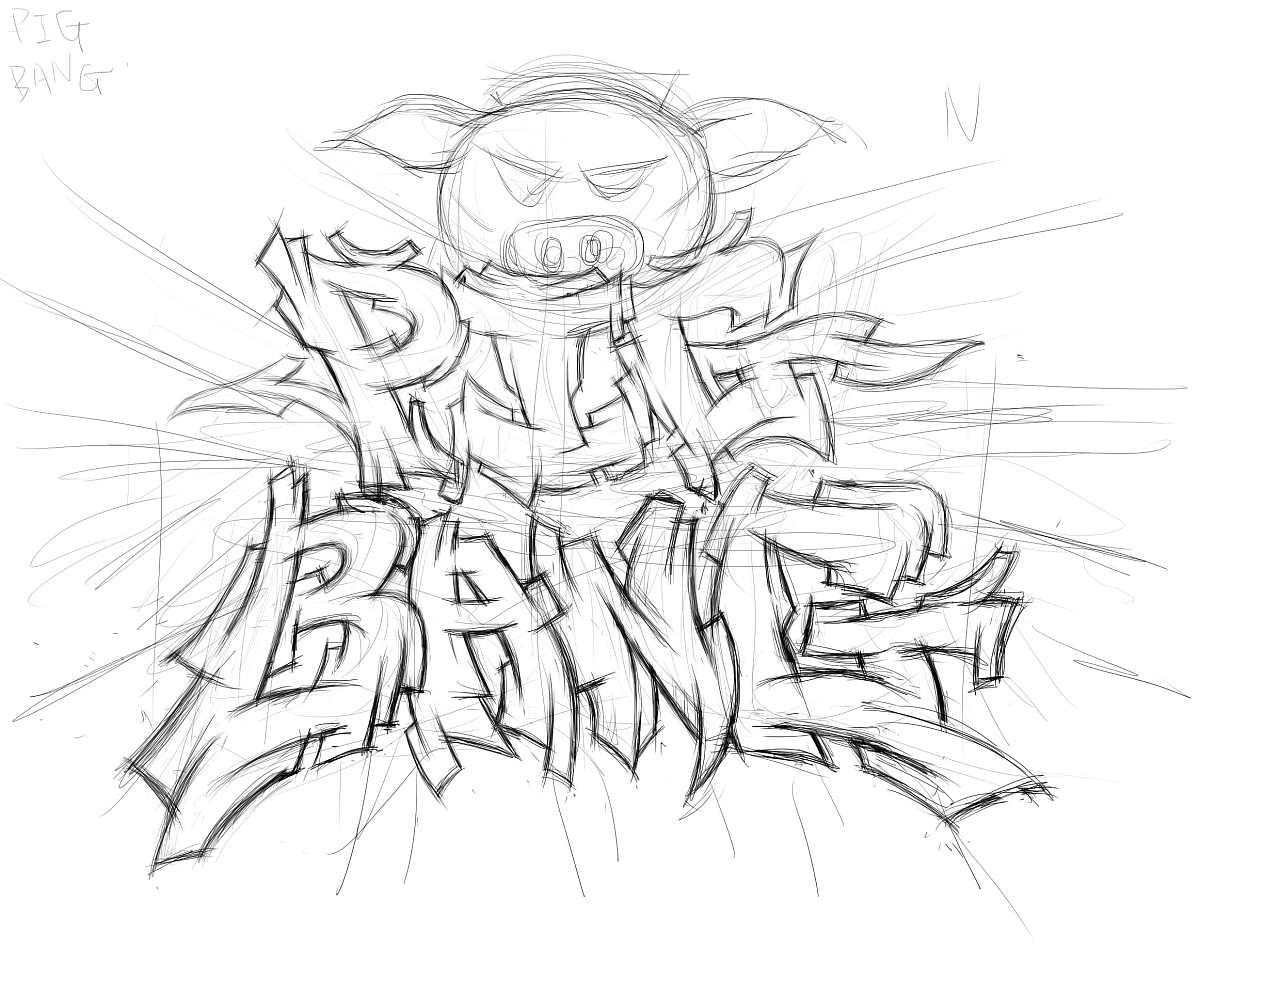 近期几幅黑白涂鸦字体插画